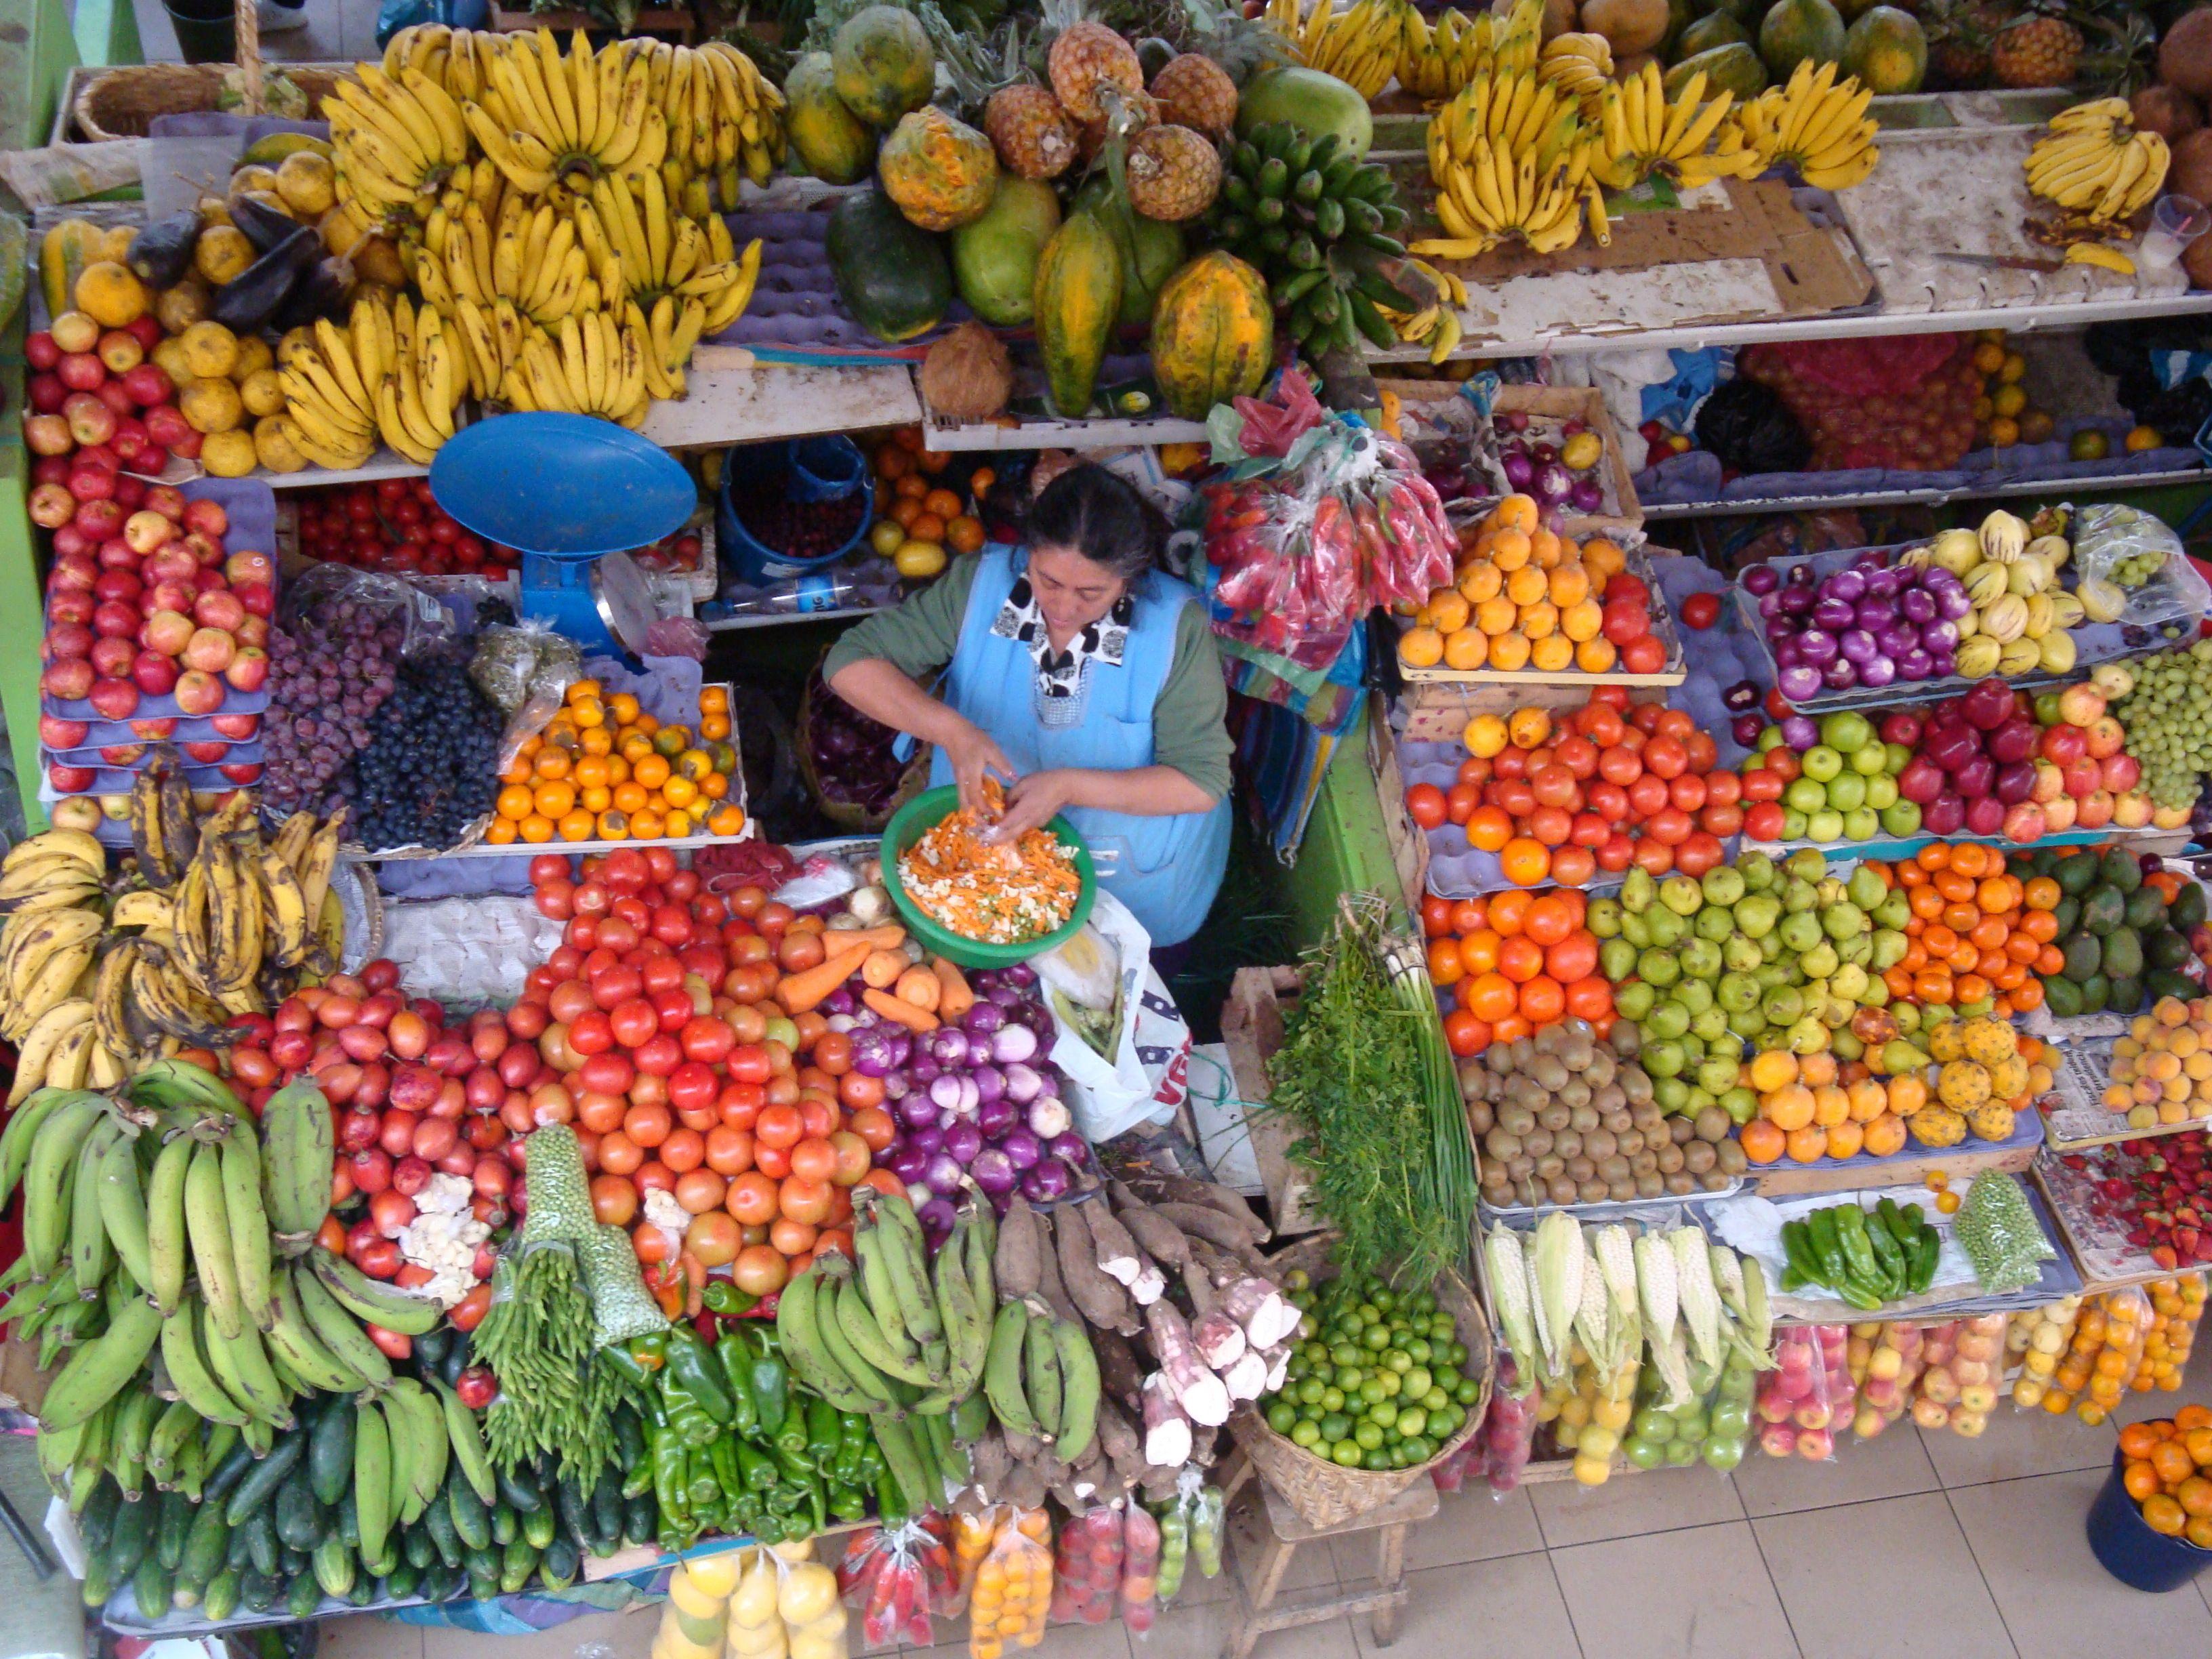 ECUADOR Fruit & vegetable market, Cuenca, Ecuador FARMER